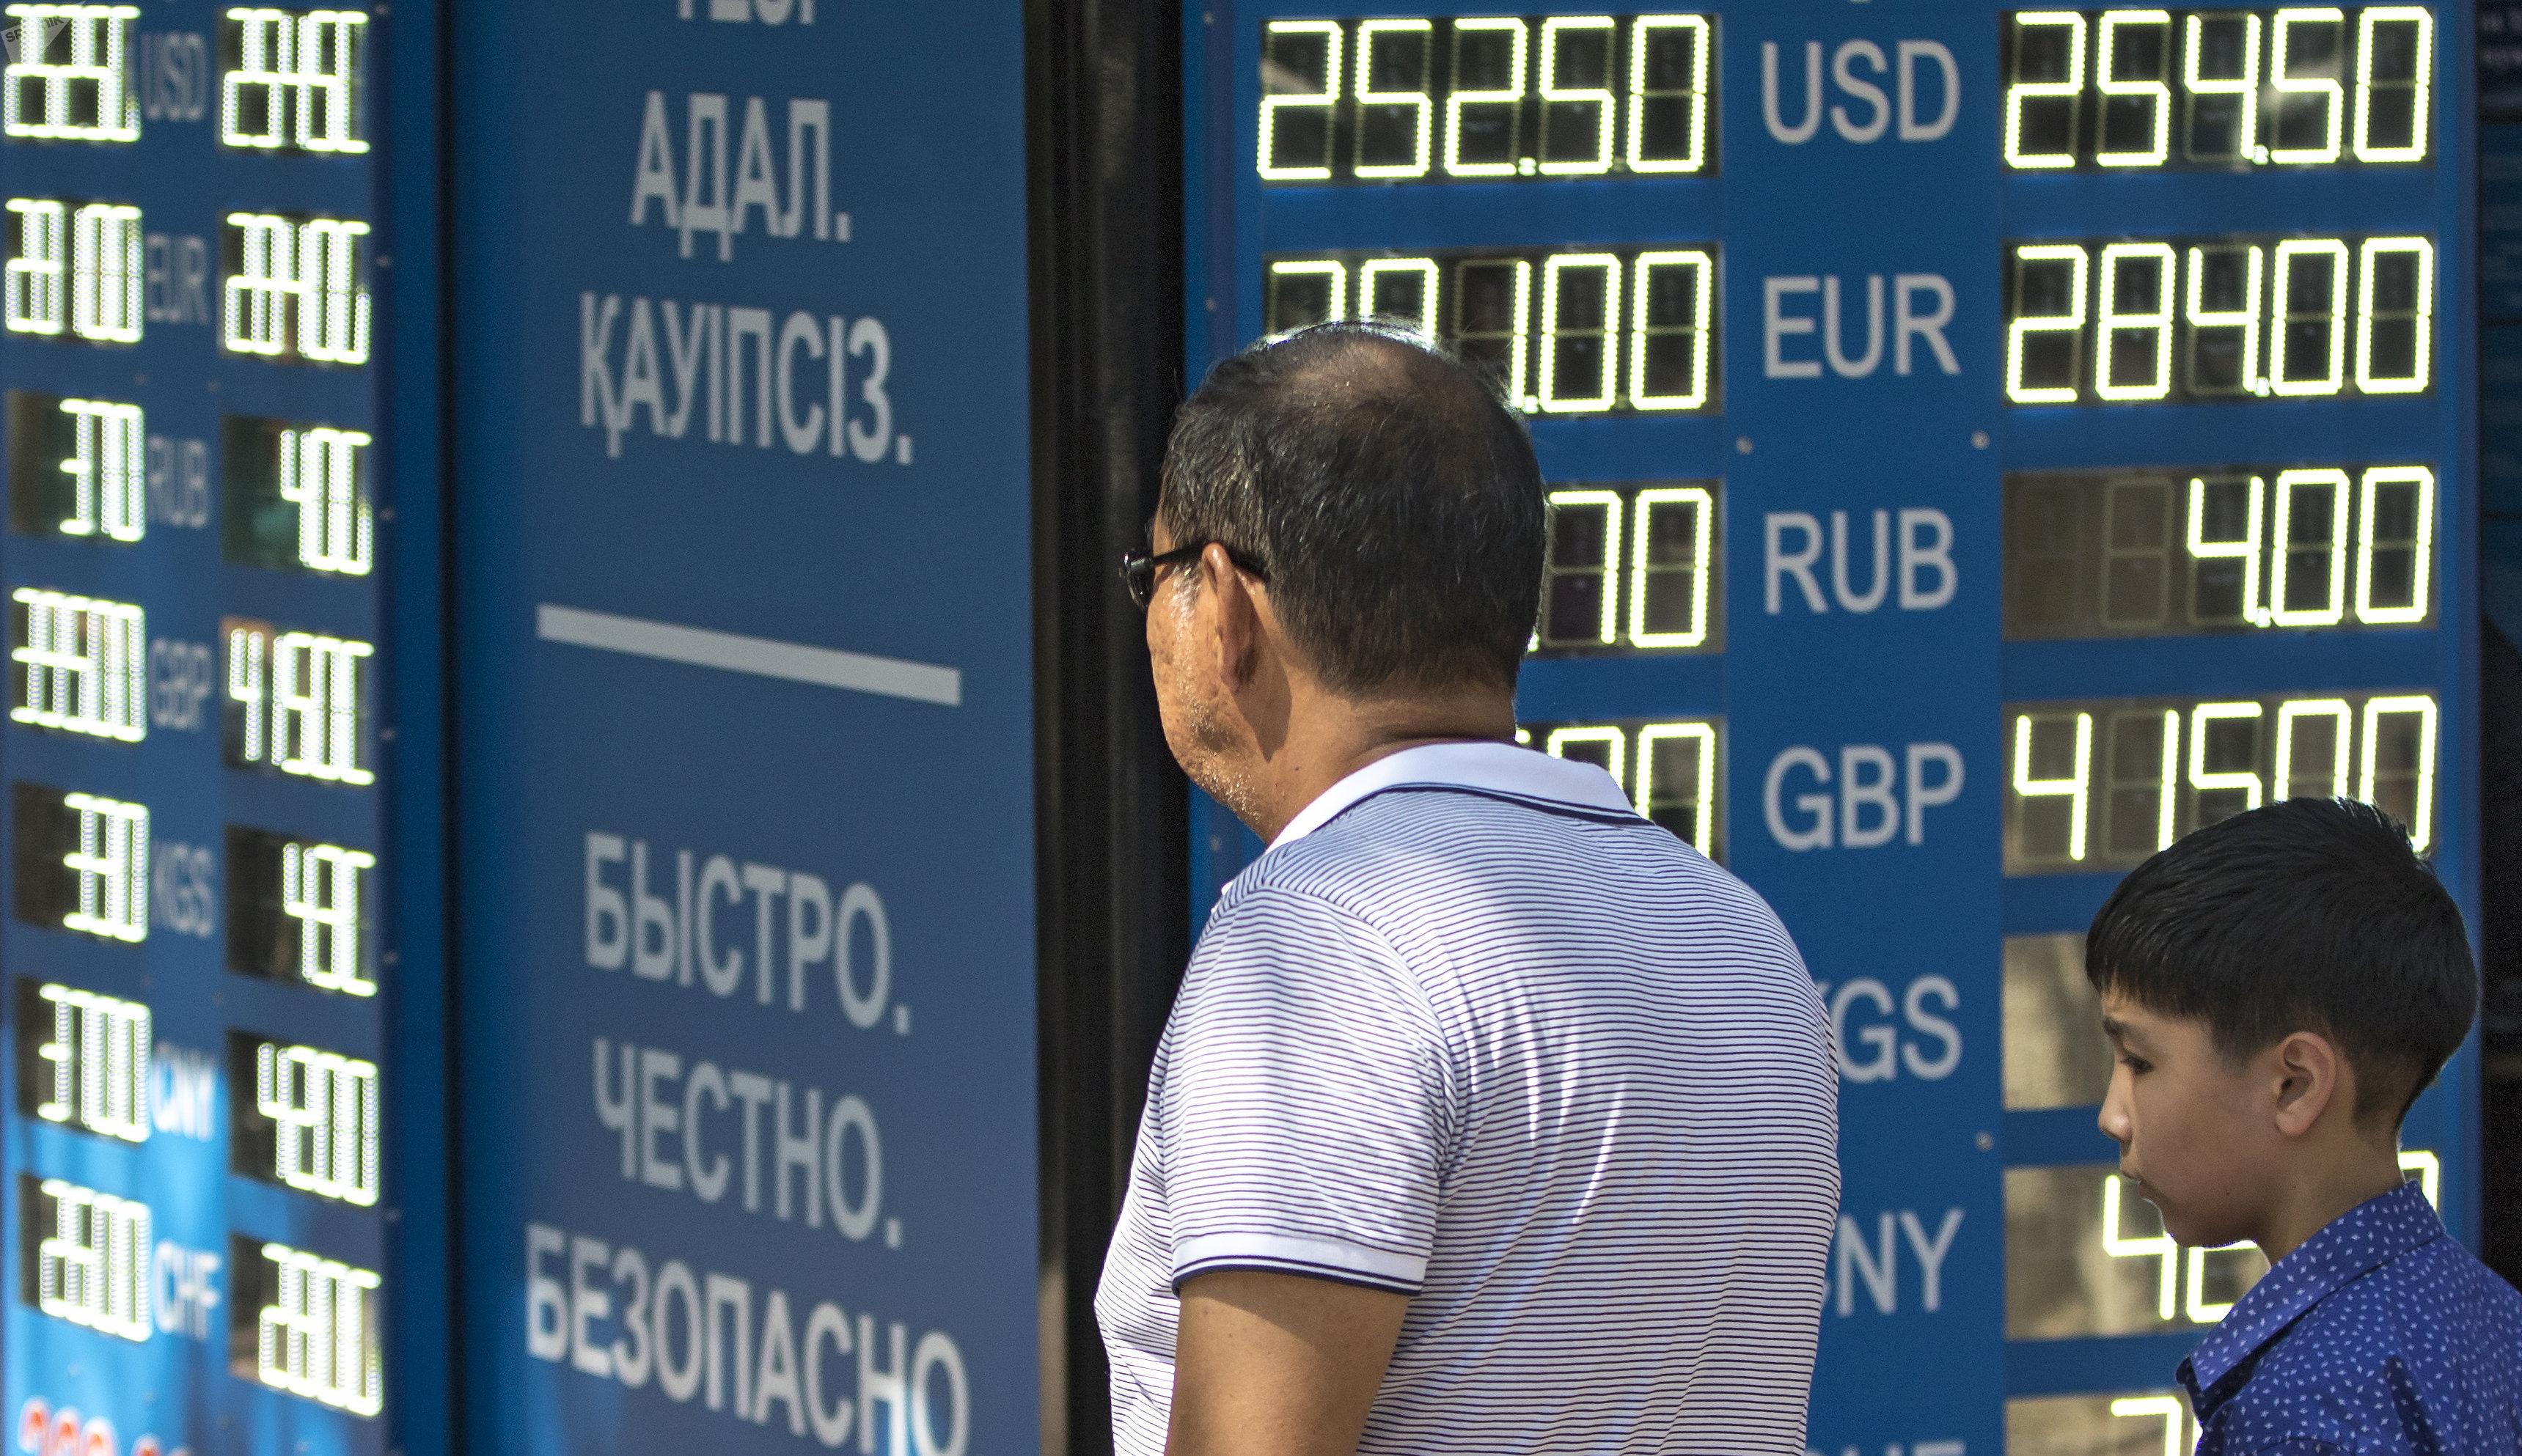 Обменный пункт валюты в Алматы, август 2015 года